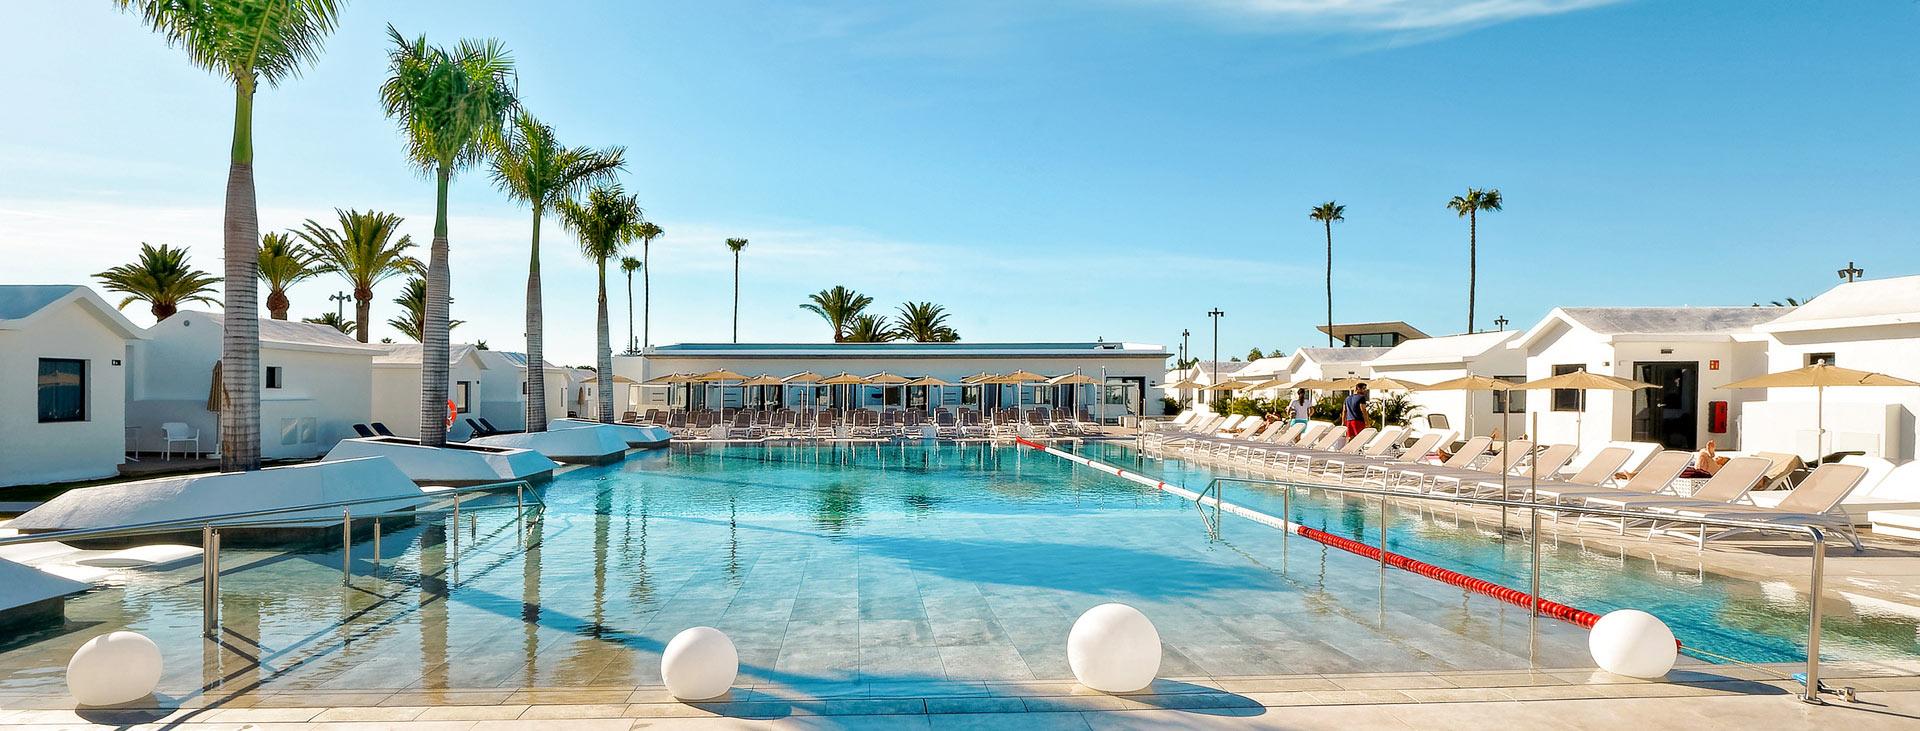 Club Maspalomas Suites & SPA, Maspalomas, Gran Canaria, Kanarieöarna